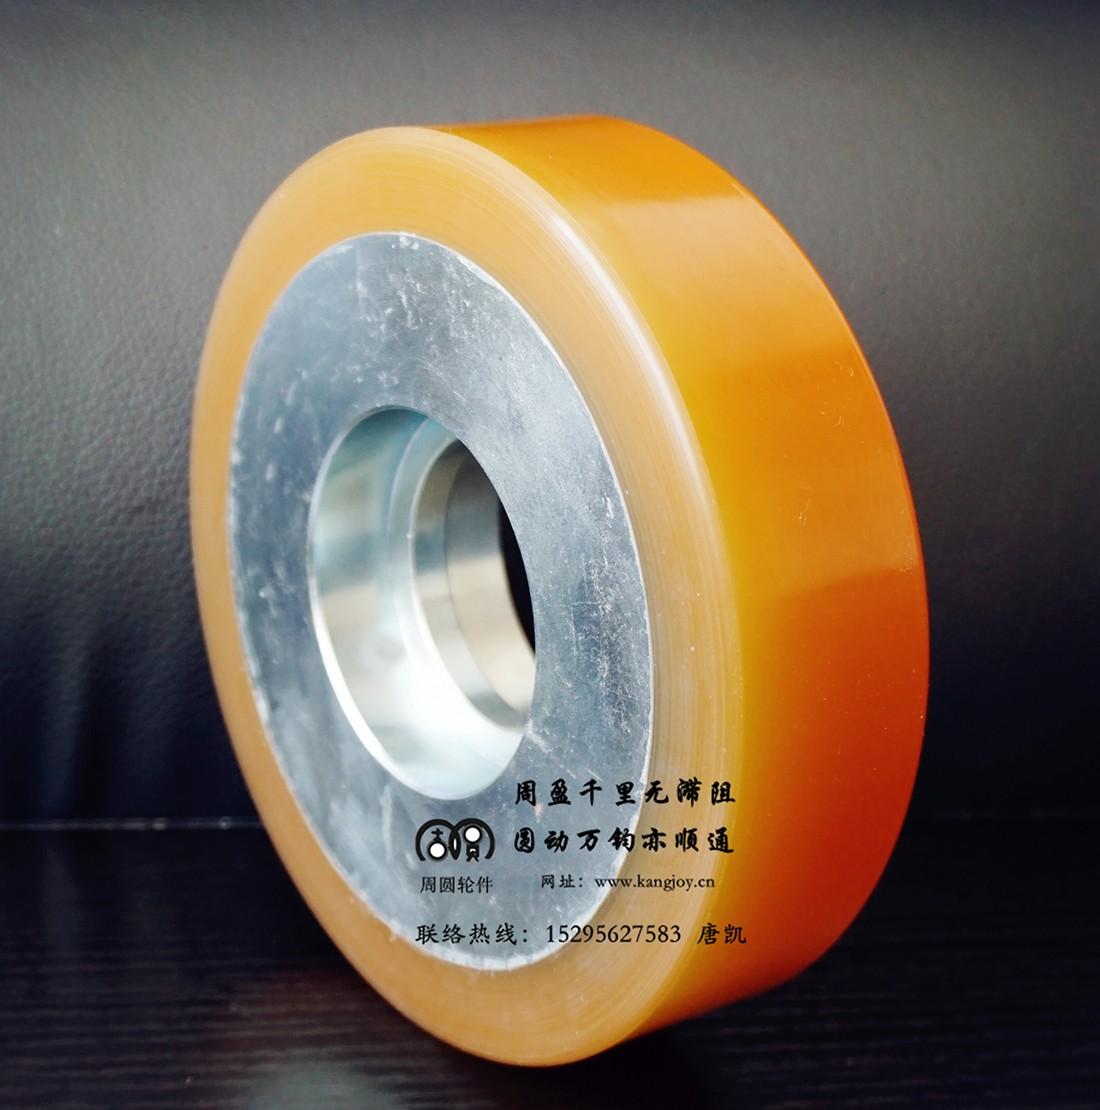 搬运器轮制造商_豫贸网